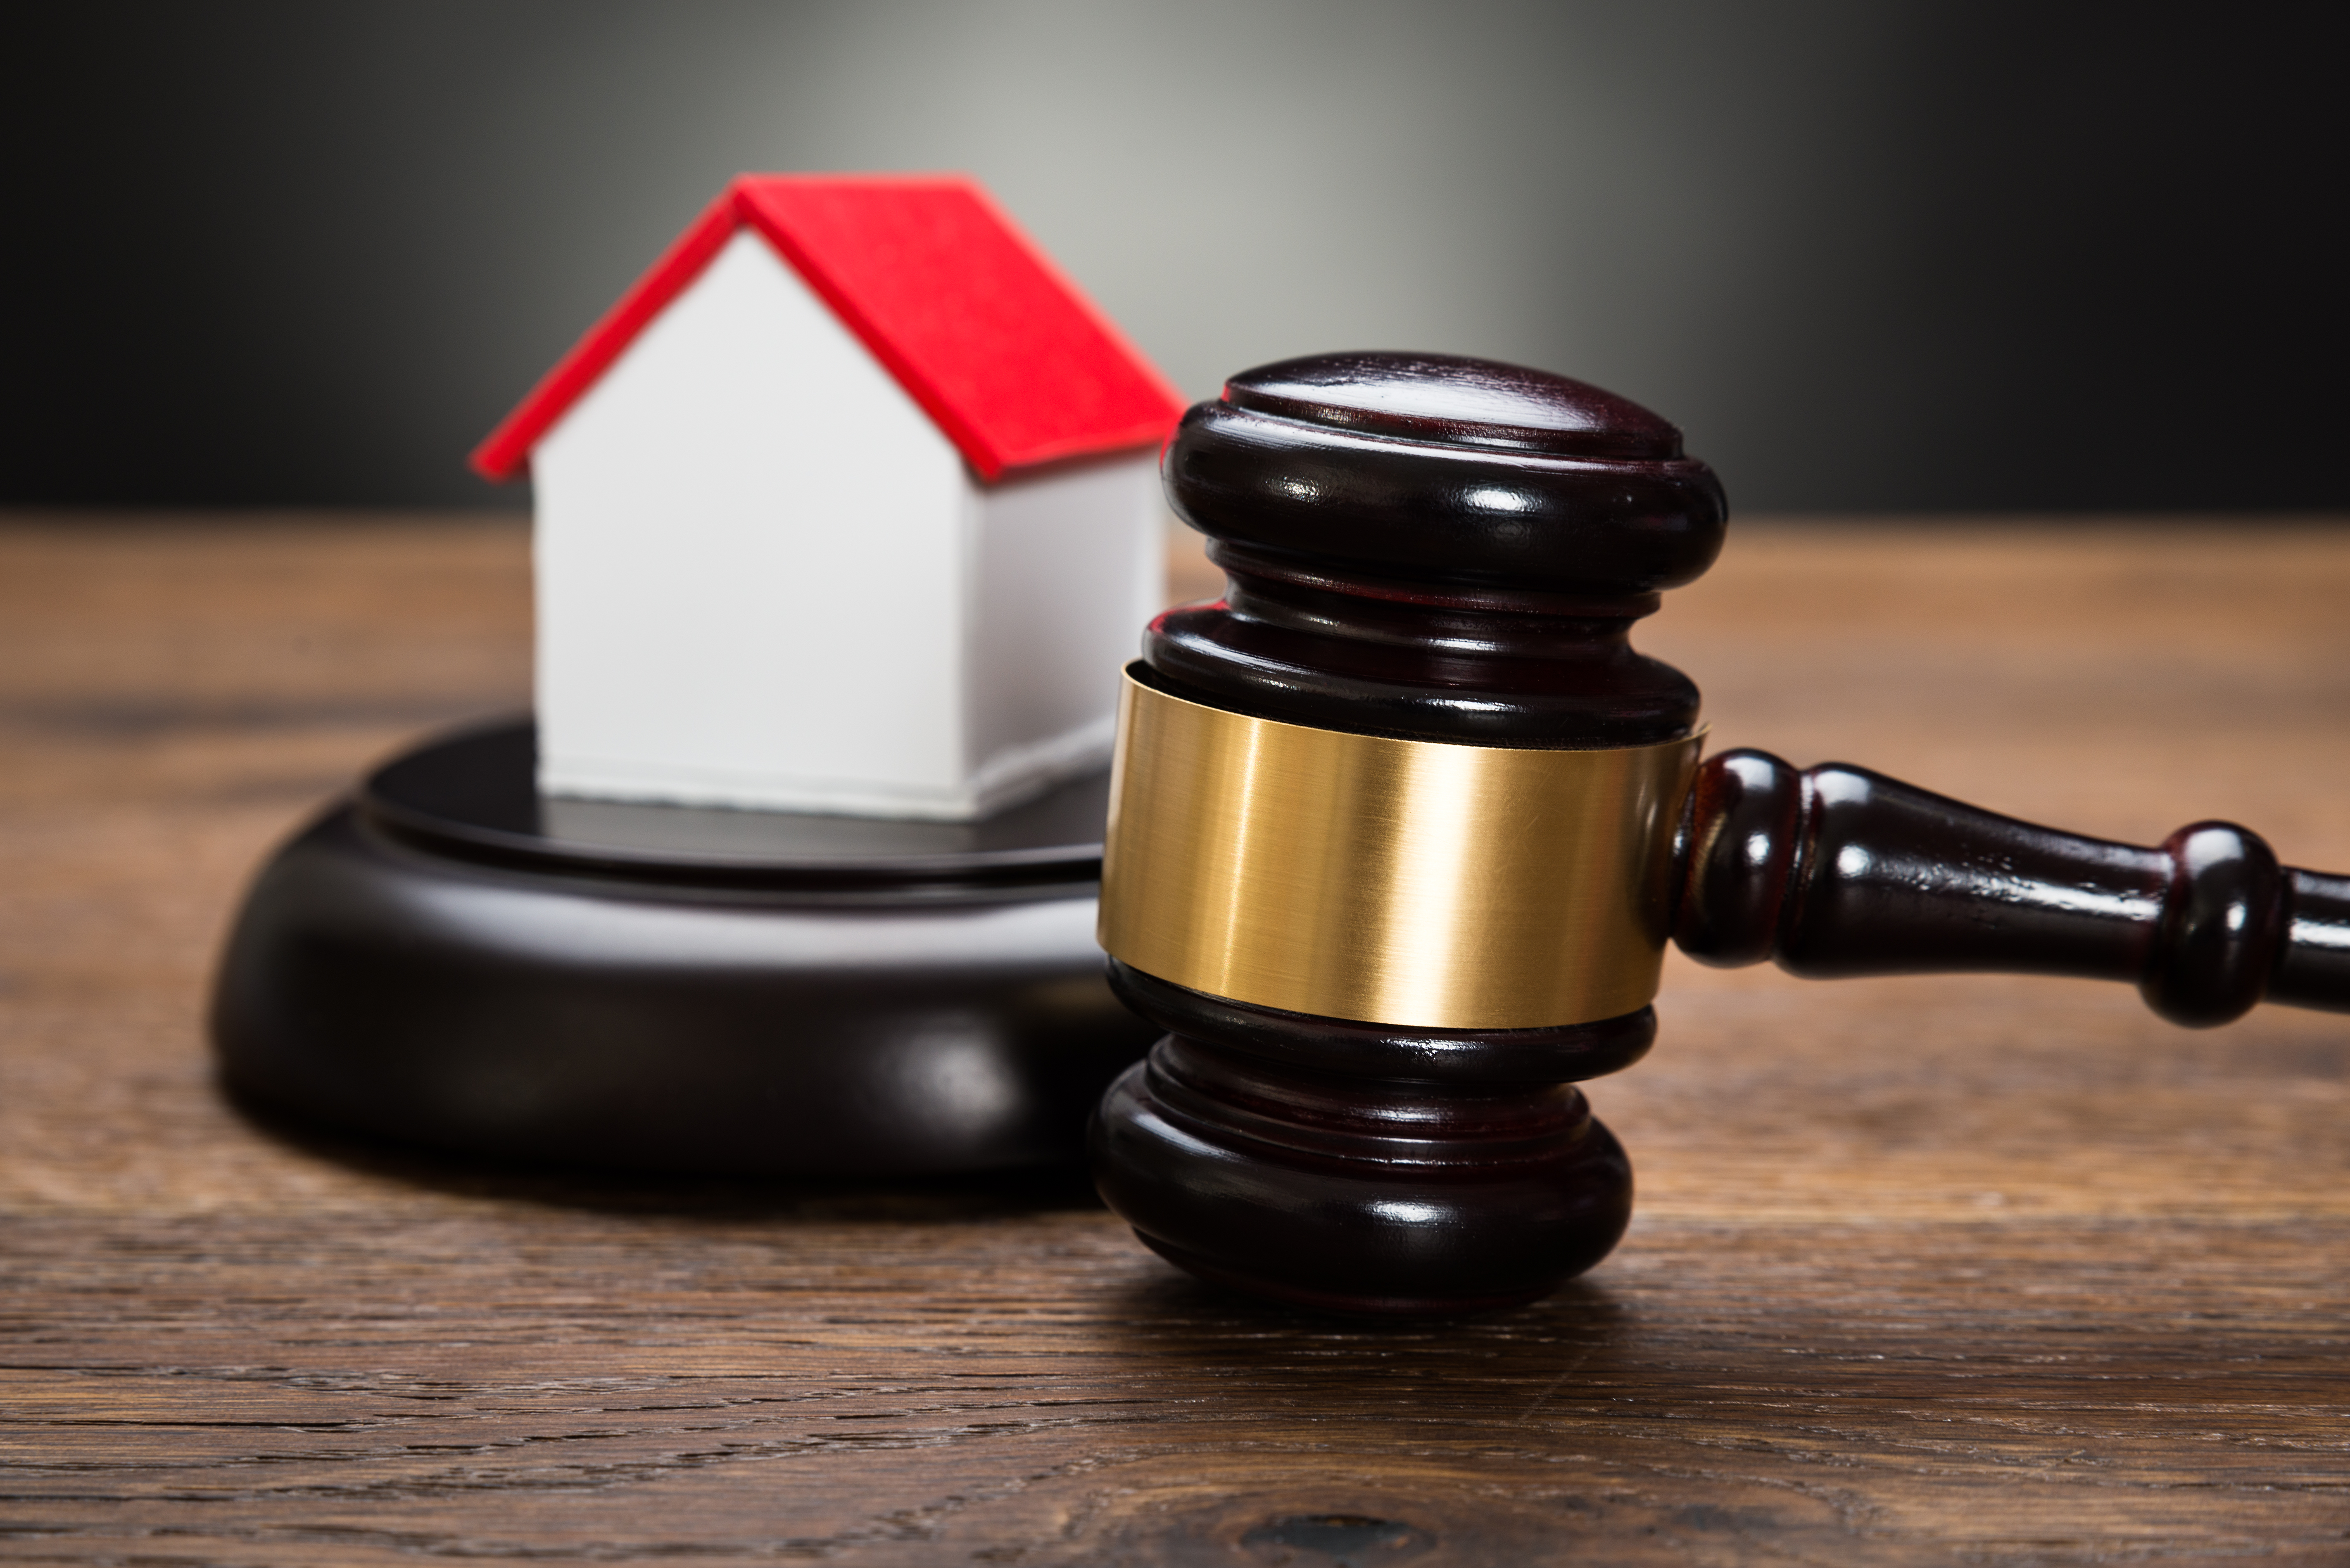 Termine prescrizione risarcimento danni condominio